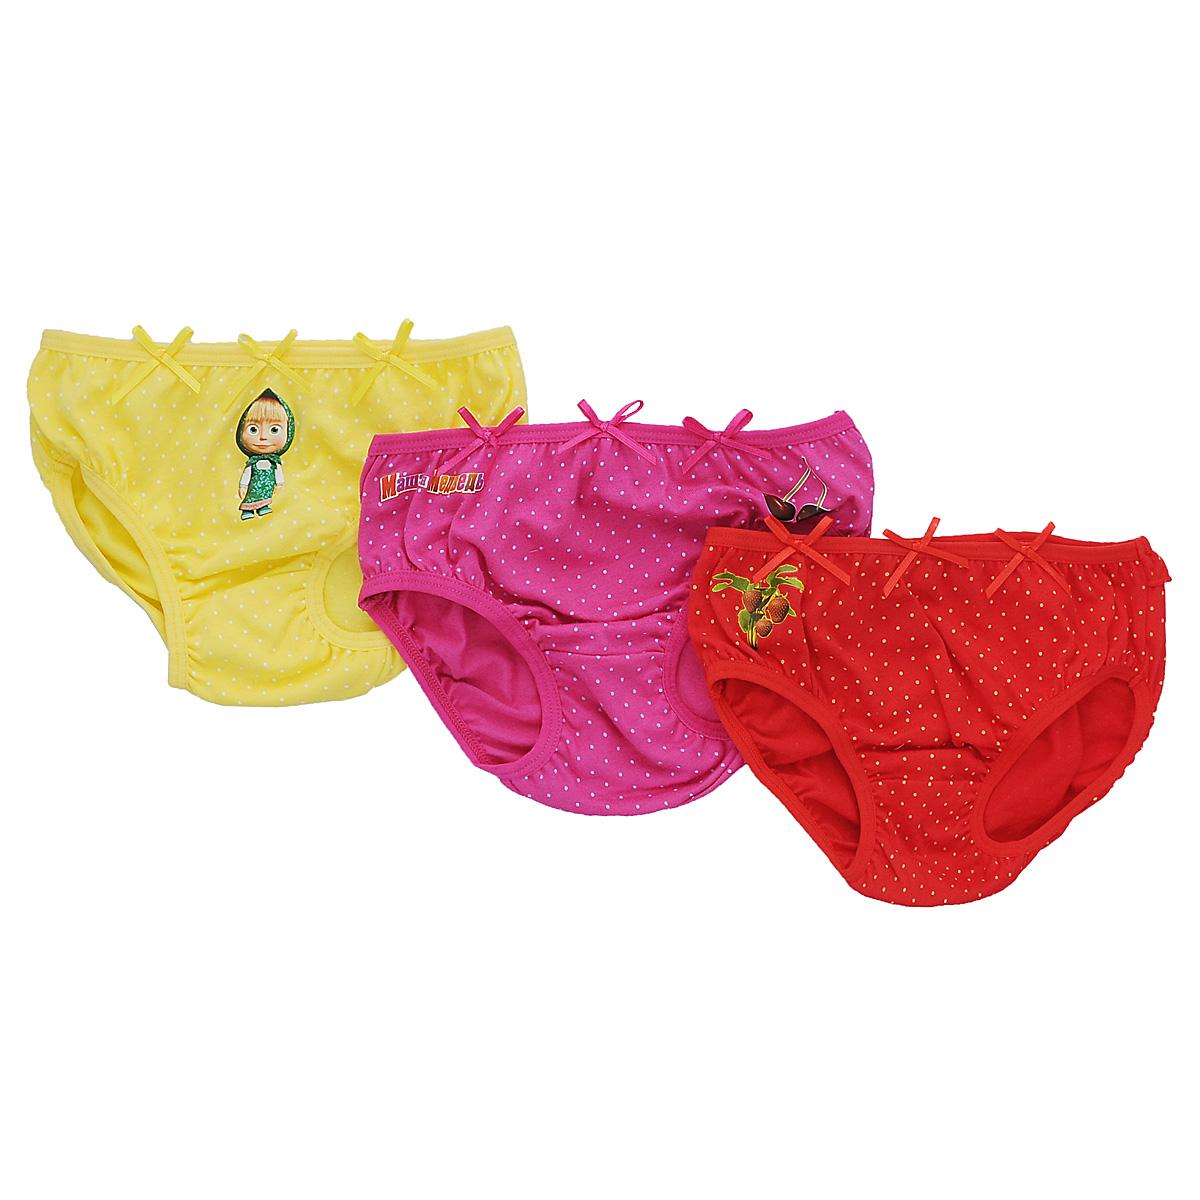 Комплект трусов для девочки Lowry Маша и Медведь, цвет: желтый, красный, фуксия, 3 шт. GP-260. Размер 32 (L), 7 летGP-260Комплект для девочки Lowry Маша и Медведь состоит из трех трусиков-слипов, оформленных оригинальным мелким гороховым принтом и небольшими аппликациями с изображением вишенок, клубнички и Машеньки - главной героини мультфильма Маша и Медведь, а также аппликацией в виде надписи Маша и Медведь. Украшены трусики тремя цветными атласными бантиками.Очень удобные трусы изготовлены из натурального хлопка, они необычайно мягкие и приятные на ощупь, не раздражают нежную кожу ребенка и хорошо вентилируются, а эластичные швы приятны телу малышки и не препятствуют ее движениям. Трусы имеют мягкую эластичную резинку на талии, не сдавливающую животик ребенка. Пройма для ножек также дополнена трикотажными эластичными резинками. Трусы идеально подойдут вашей малышке, а современные принты и мягкие полотна позволят ей комфортно чувствовать себя в течение дня!